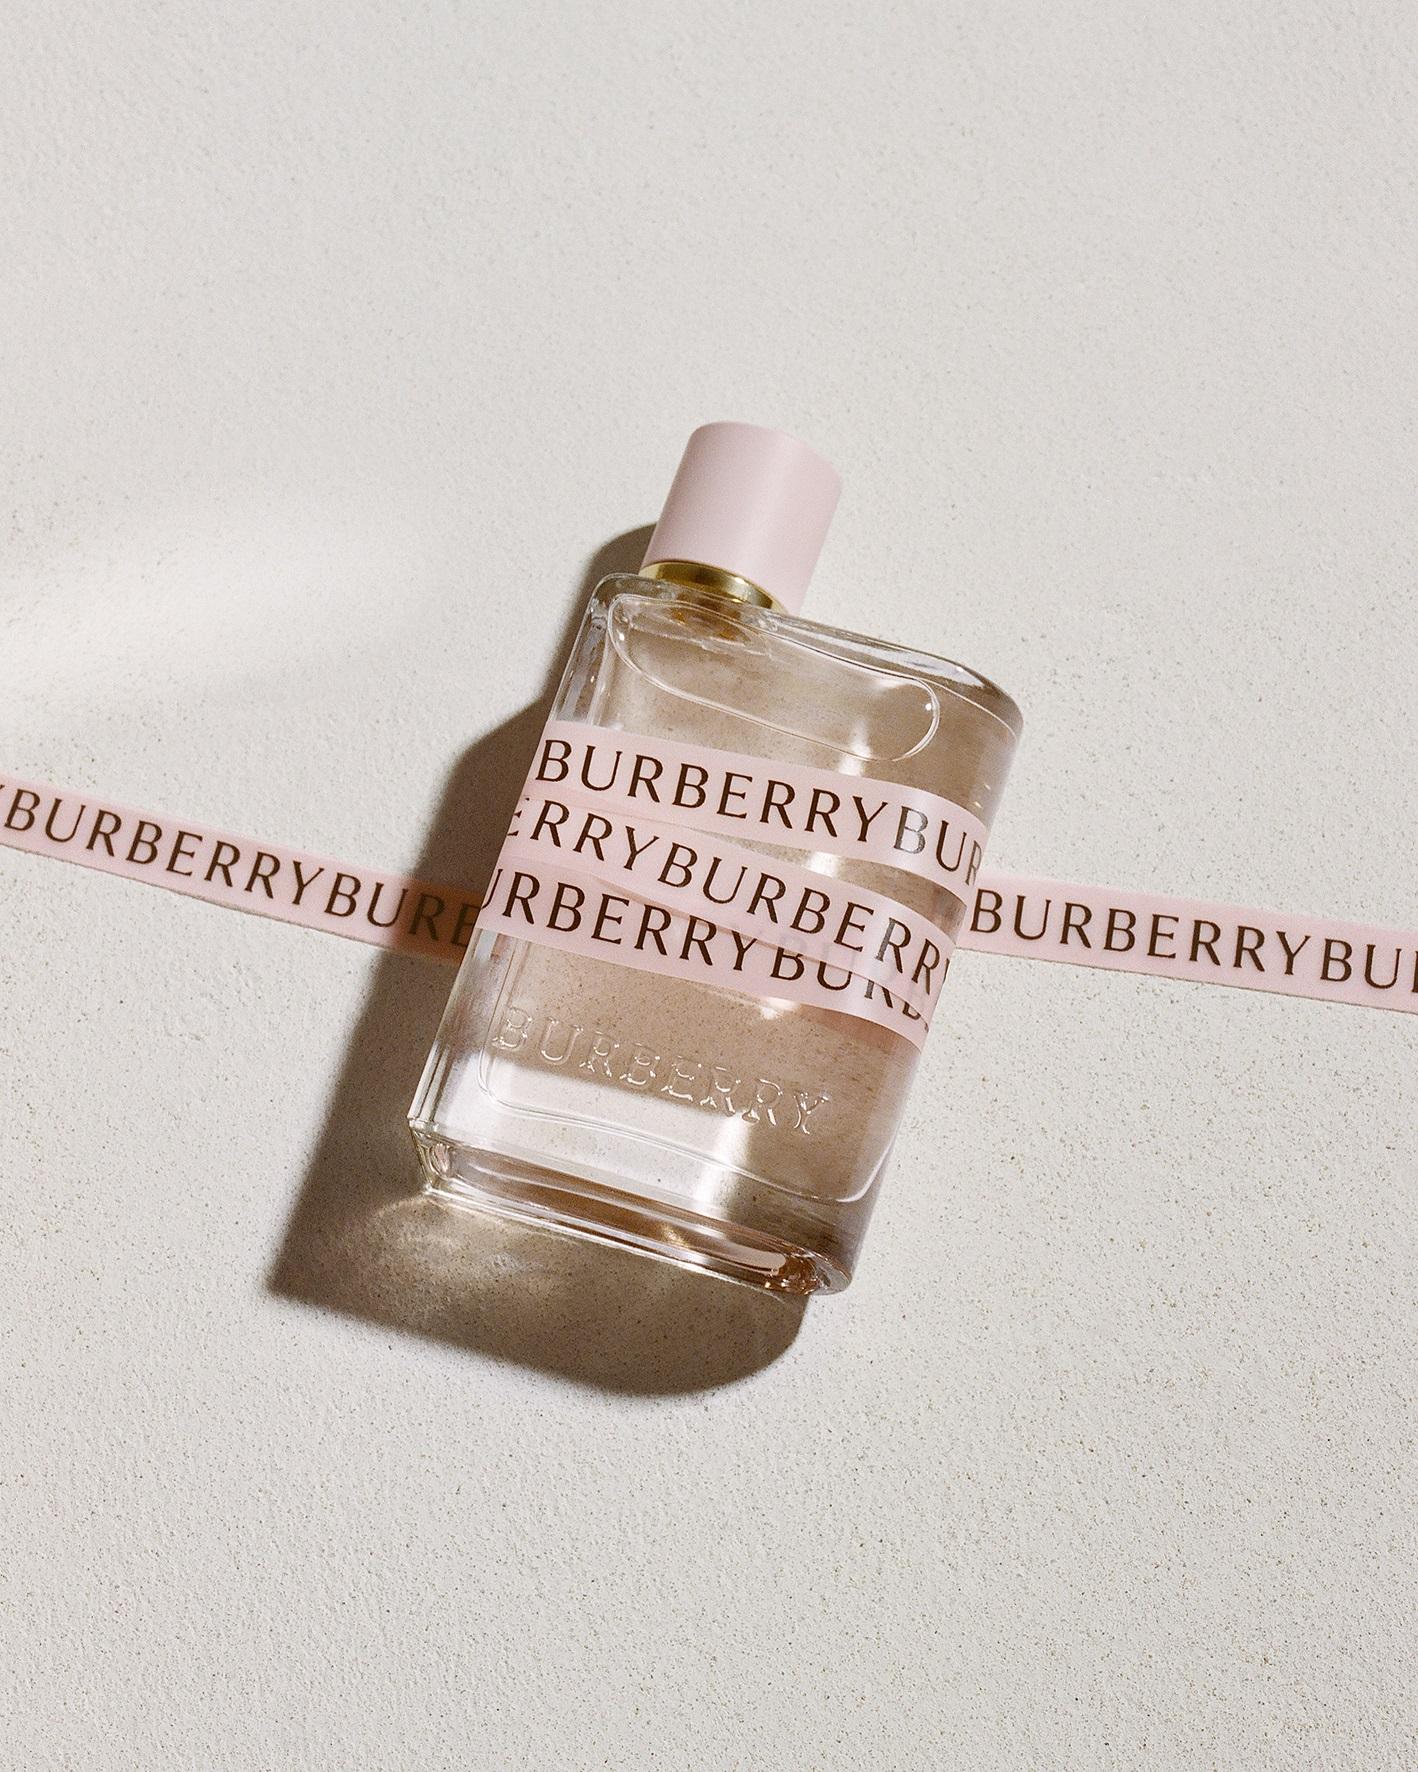 Burberry Her Eau de Parfum Cara Delevingne